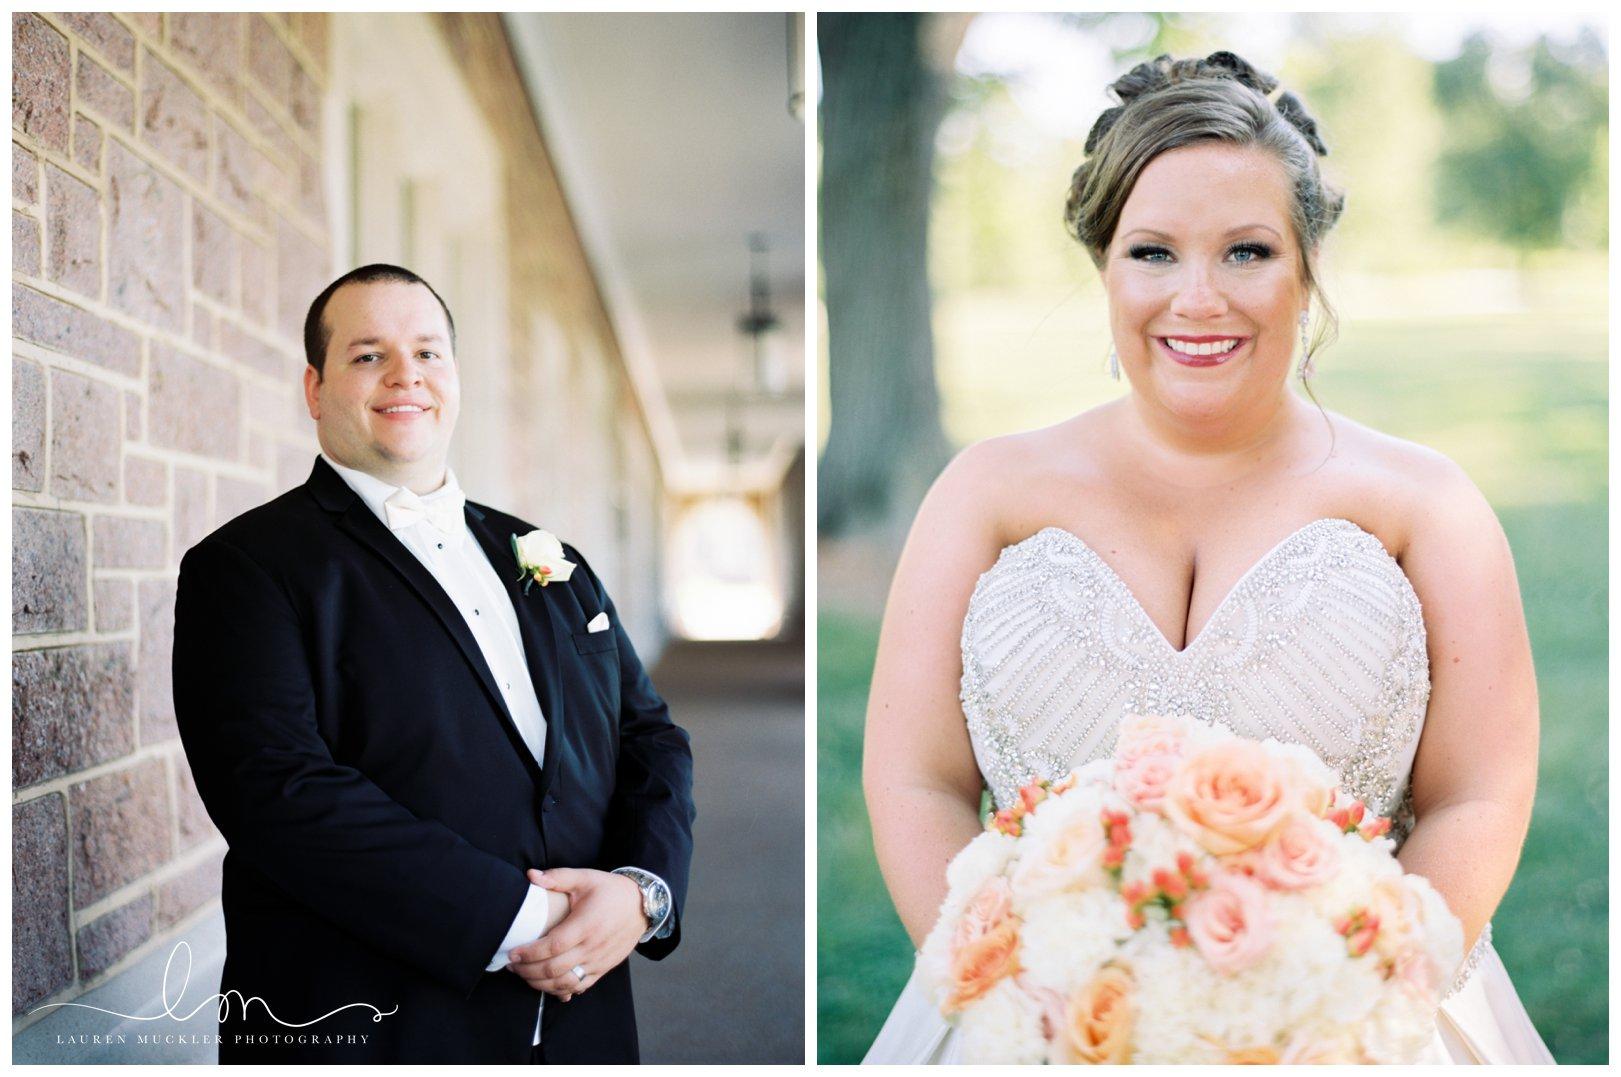 lauren muckler photography_fine art film wedding photography_st louis_photography_0630.jpg